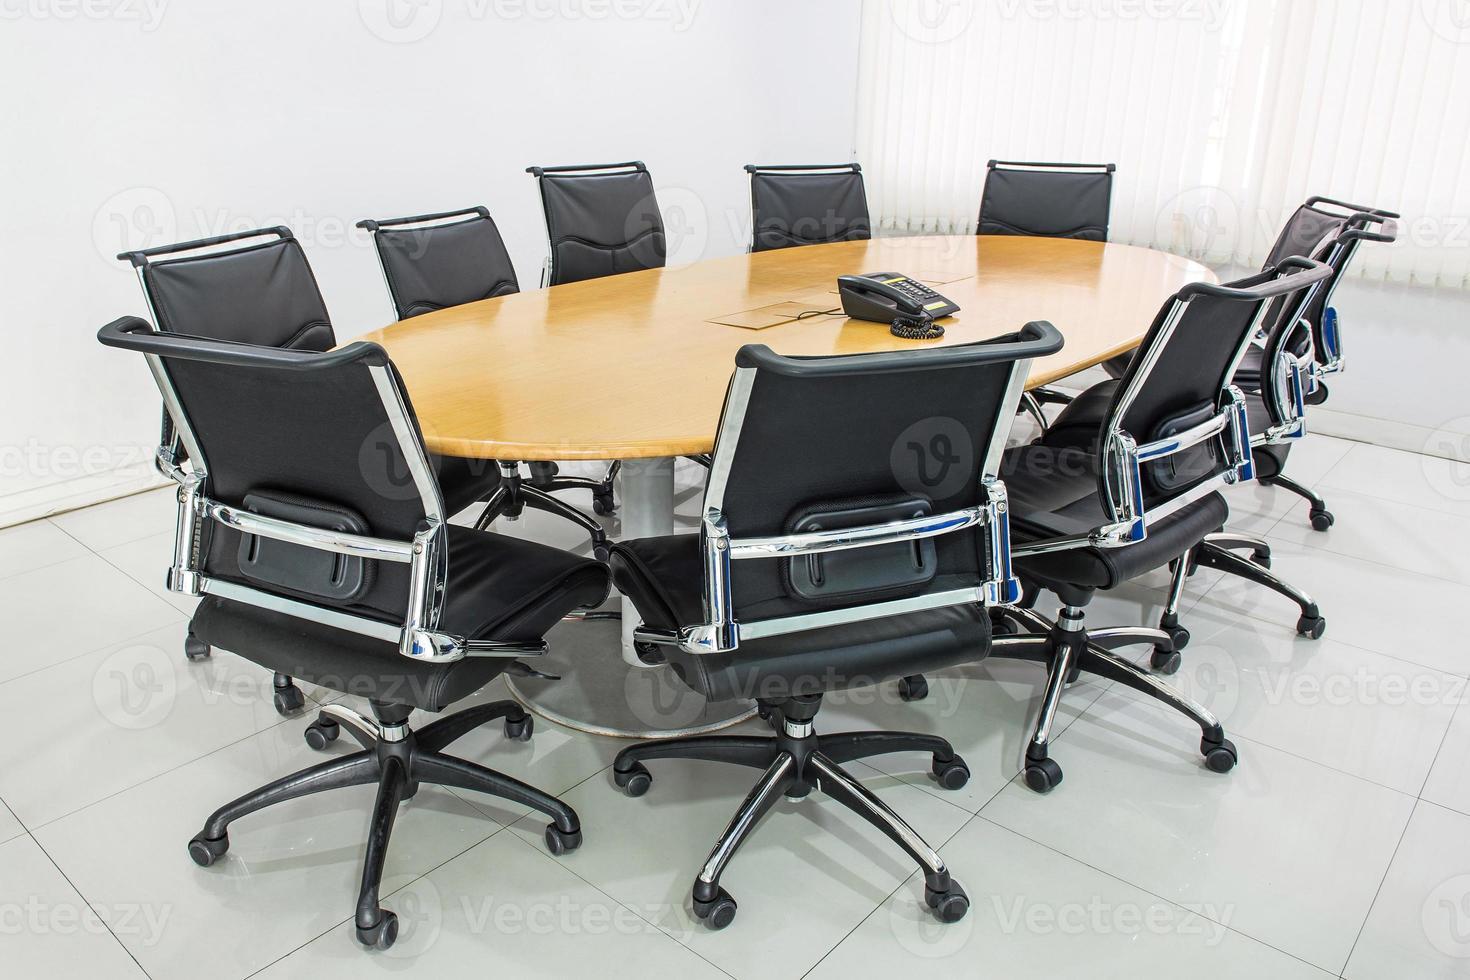 mesa de reunião e cabelos pretos na sala de reuniões foto